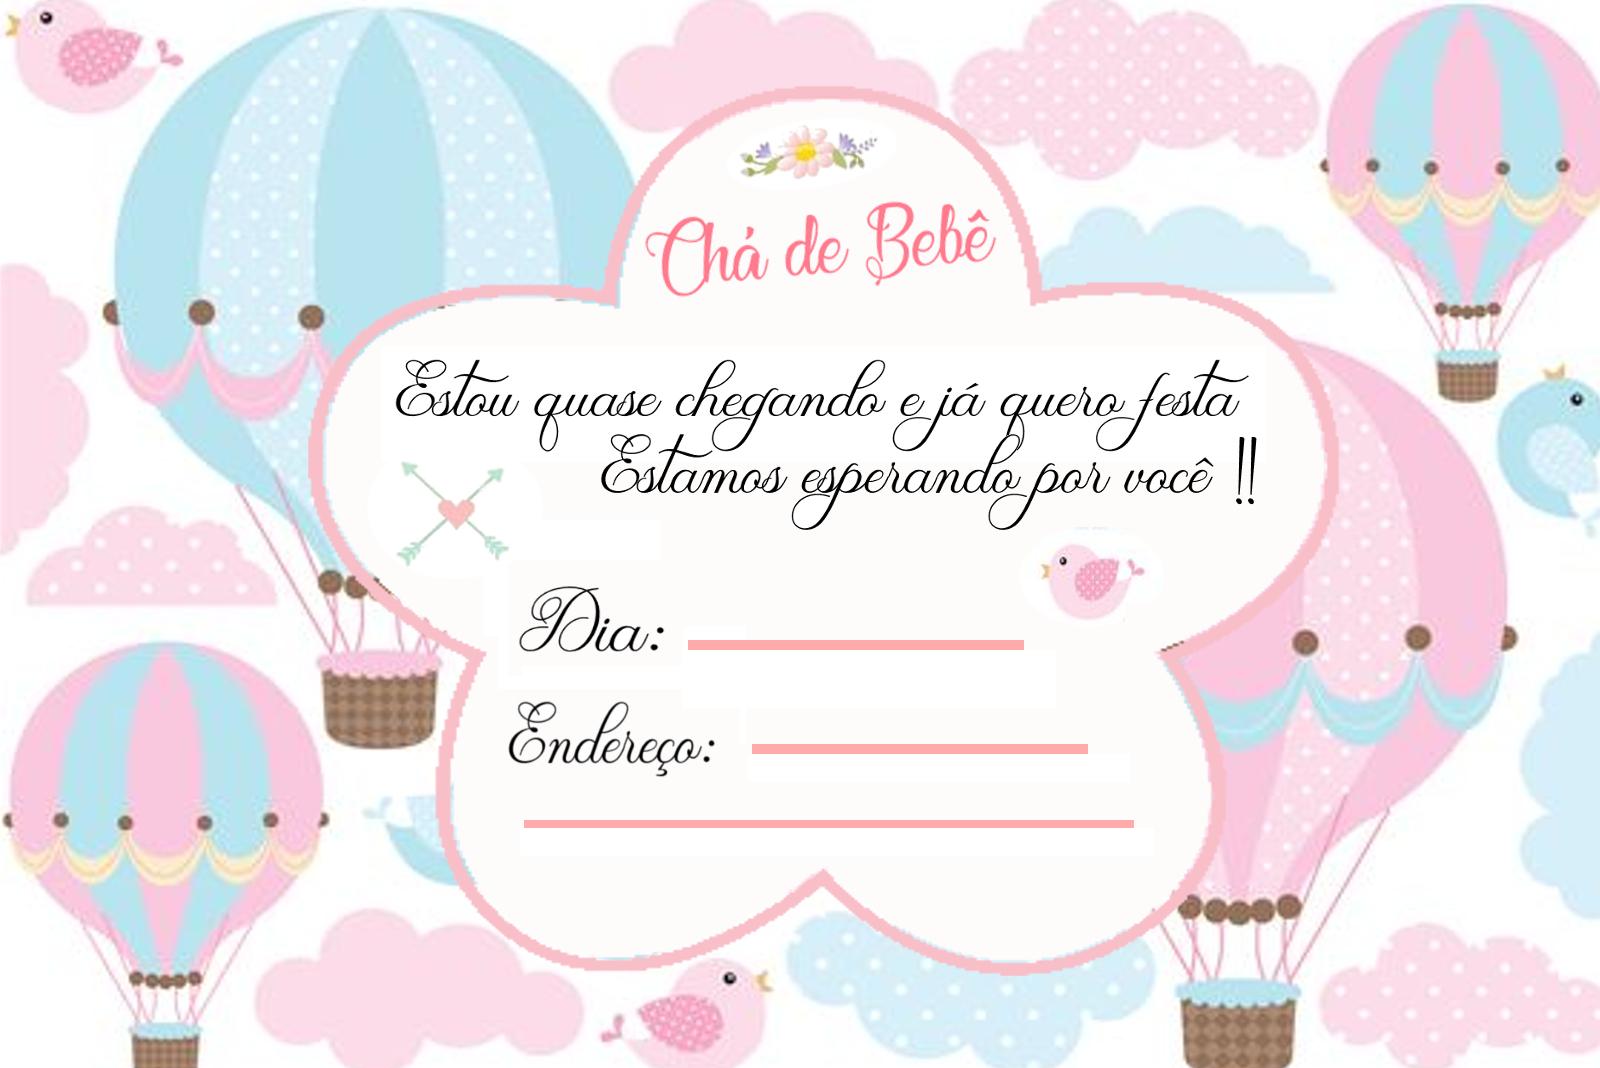 Convite Cha De Bebe Pronto Para Imprimir